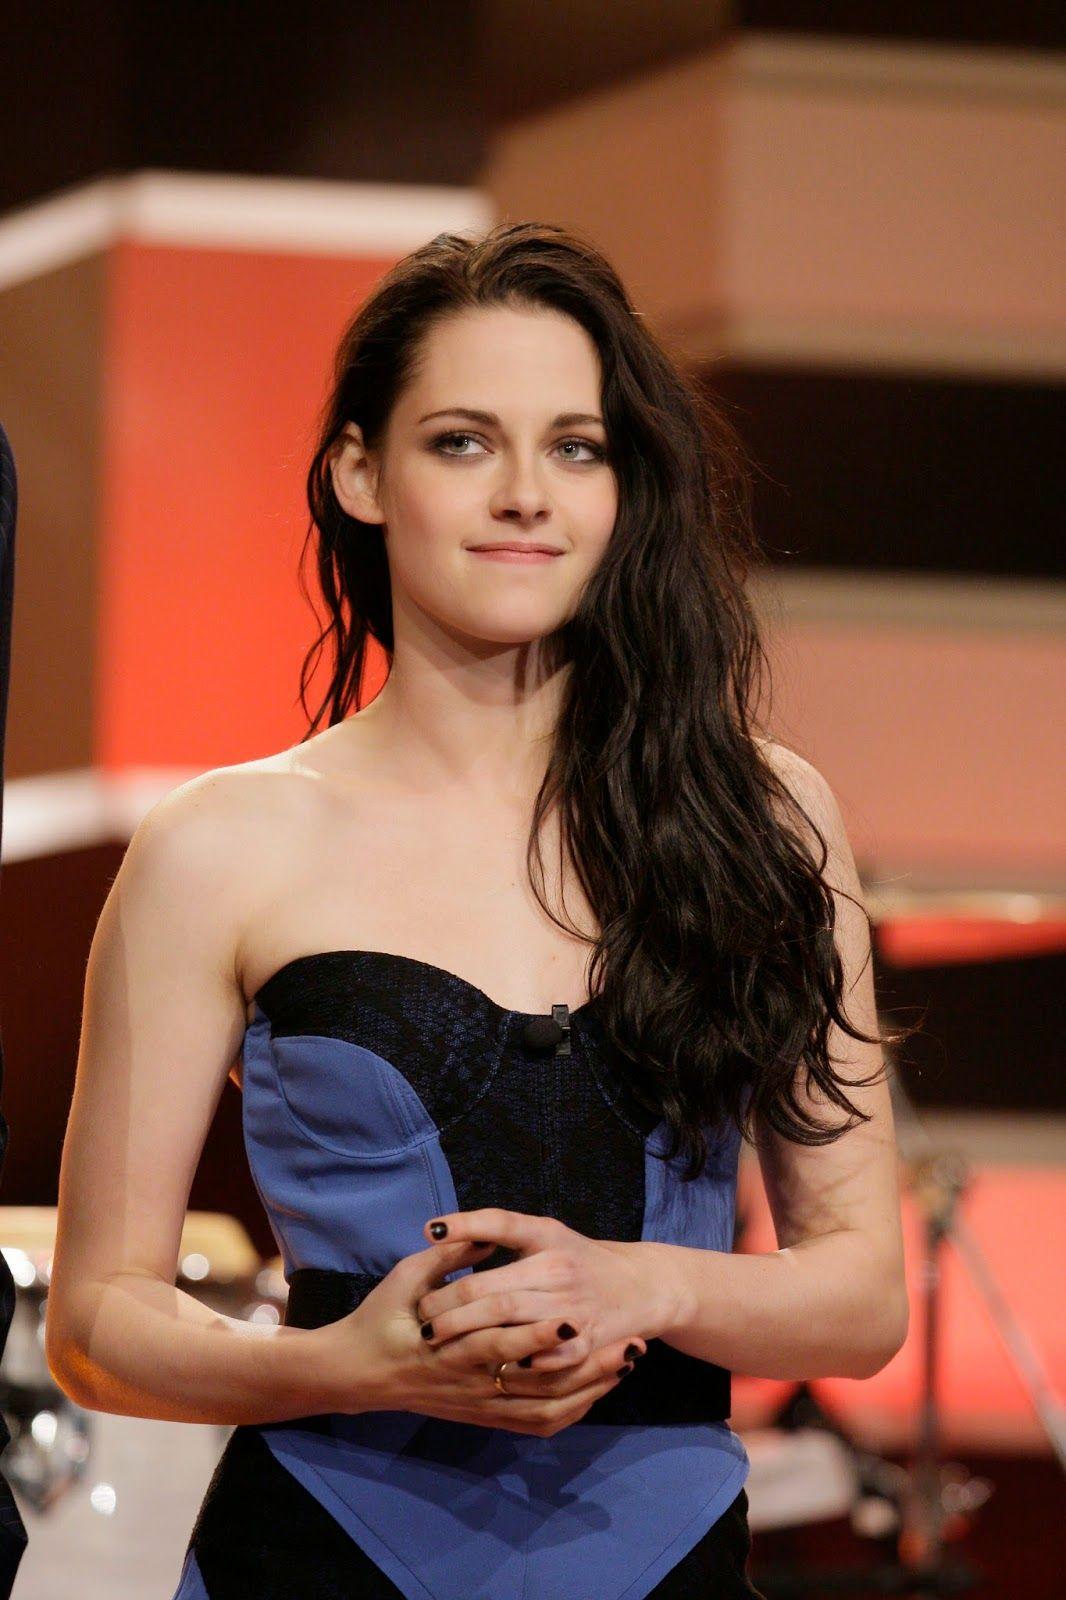 celebstills: Kristen Stewart HQ photos